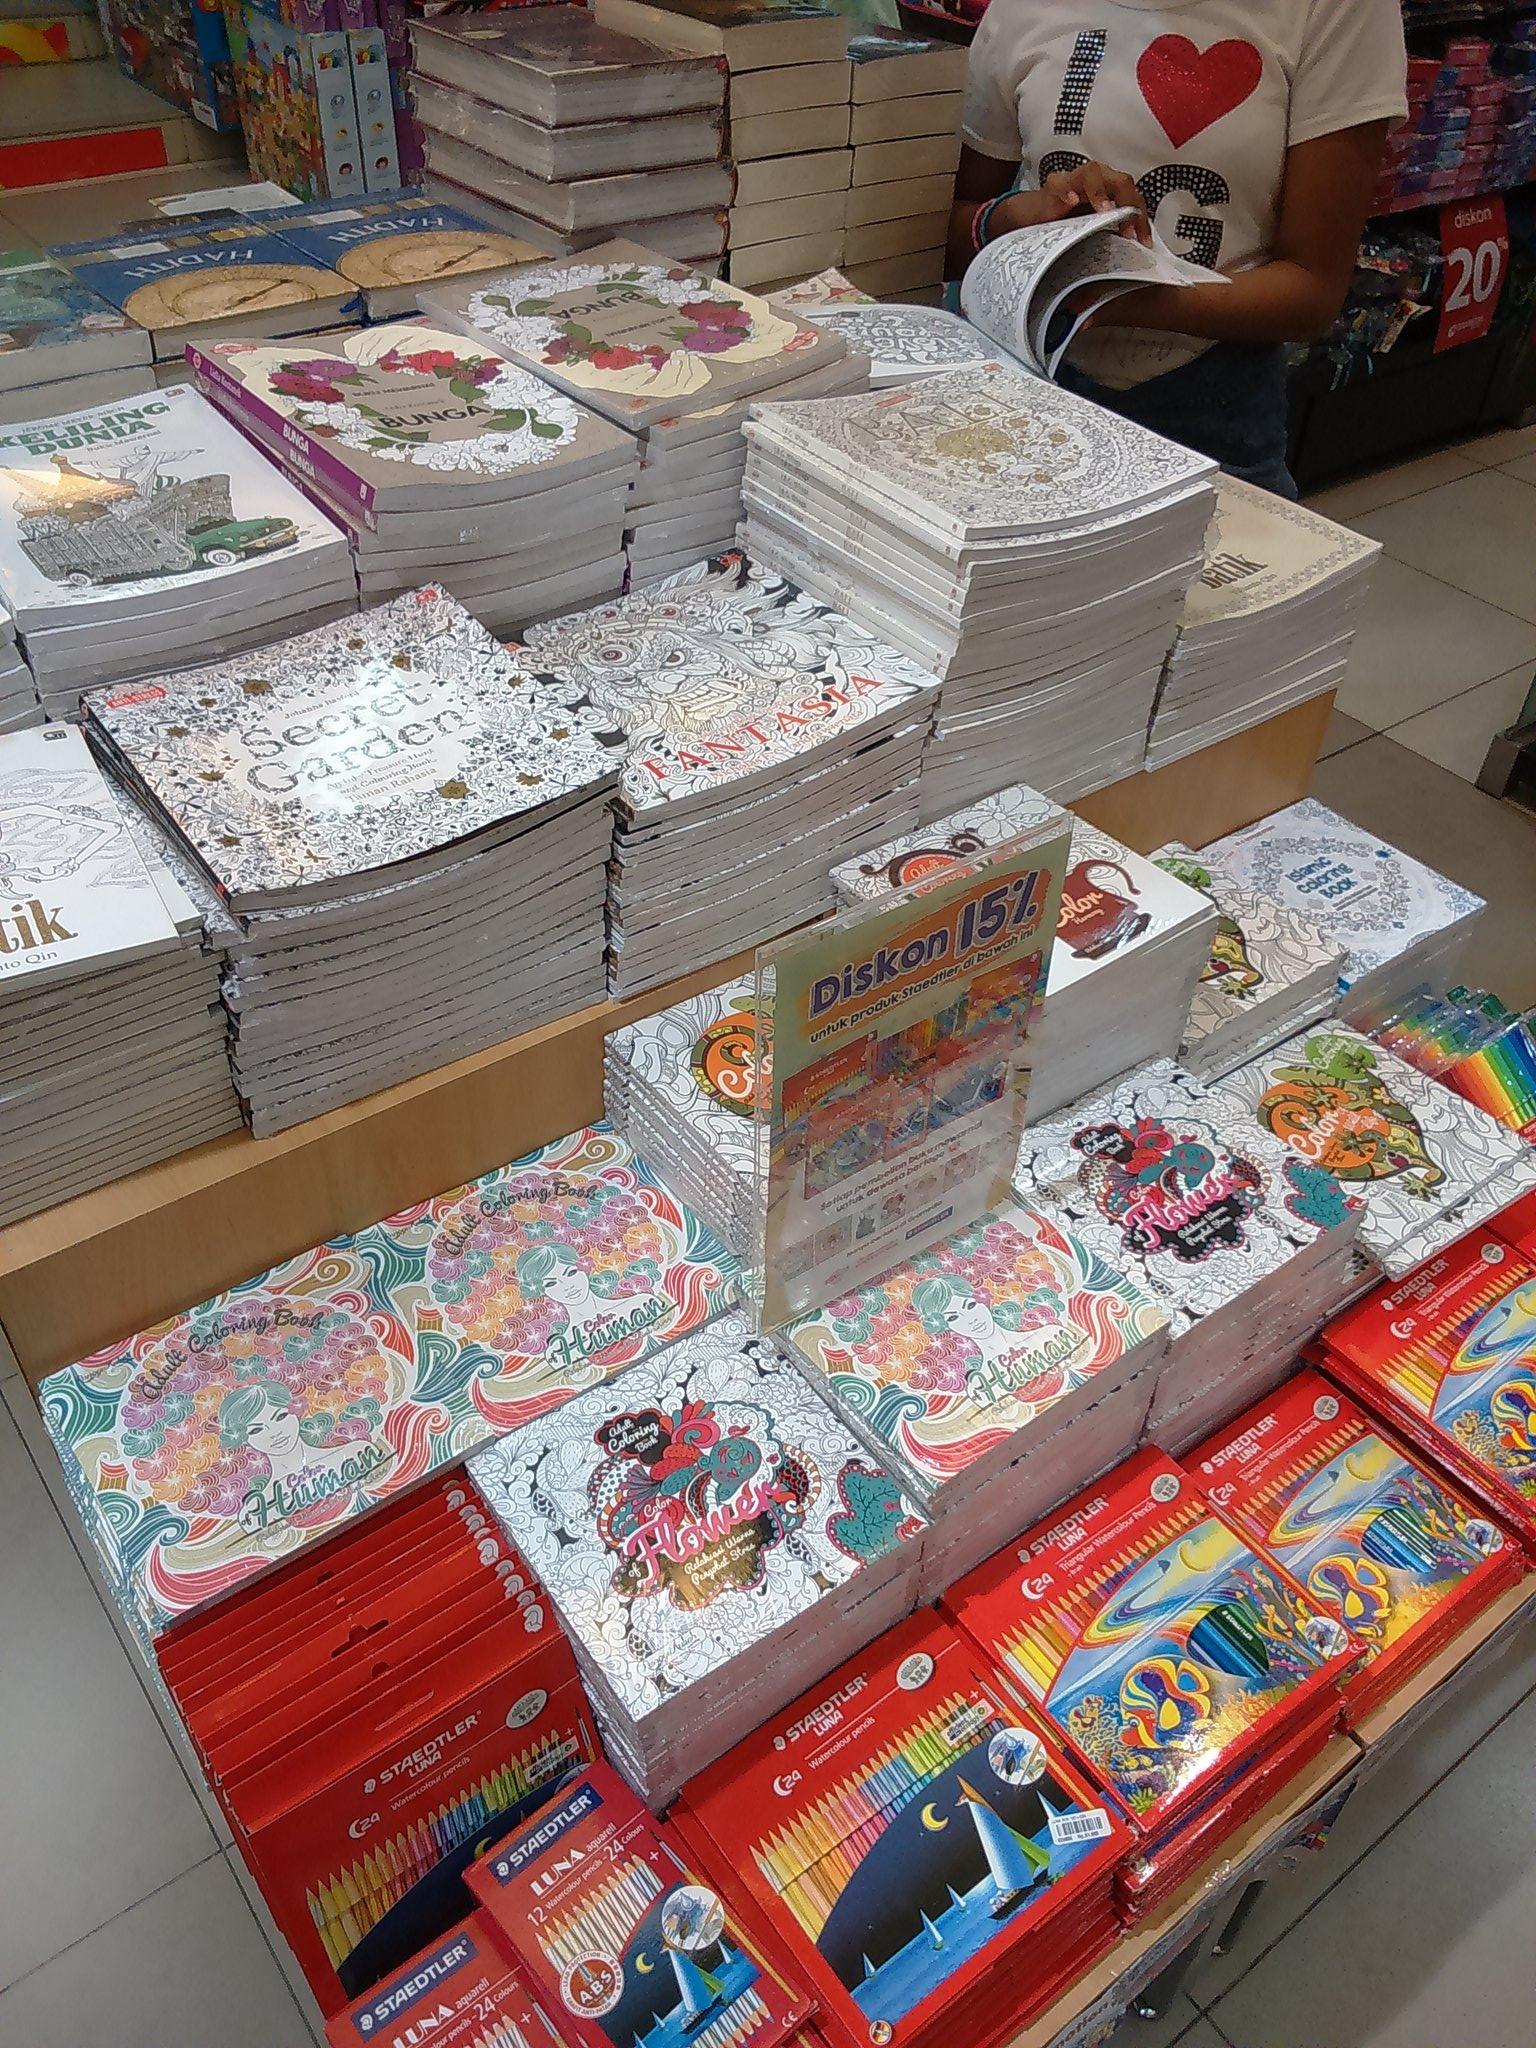 Gramedia Balikpapan On Twitter Coloring Book For Adult Di Mkin Lengkap Nih Yuk Lengkapi Juga Koleksi